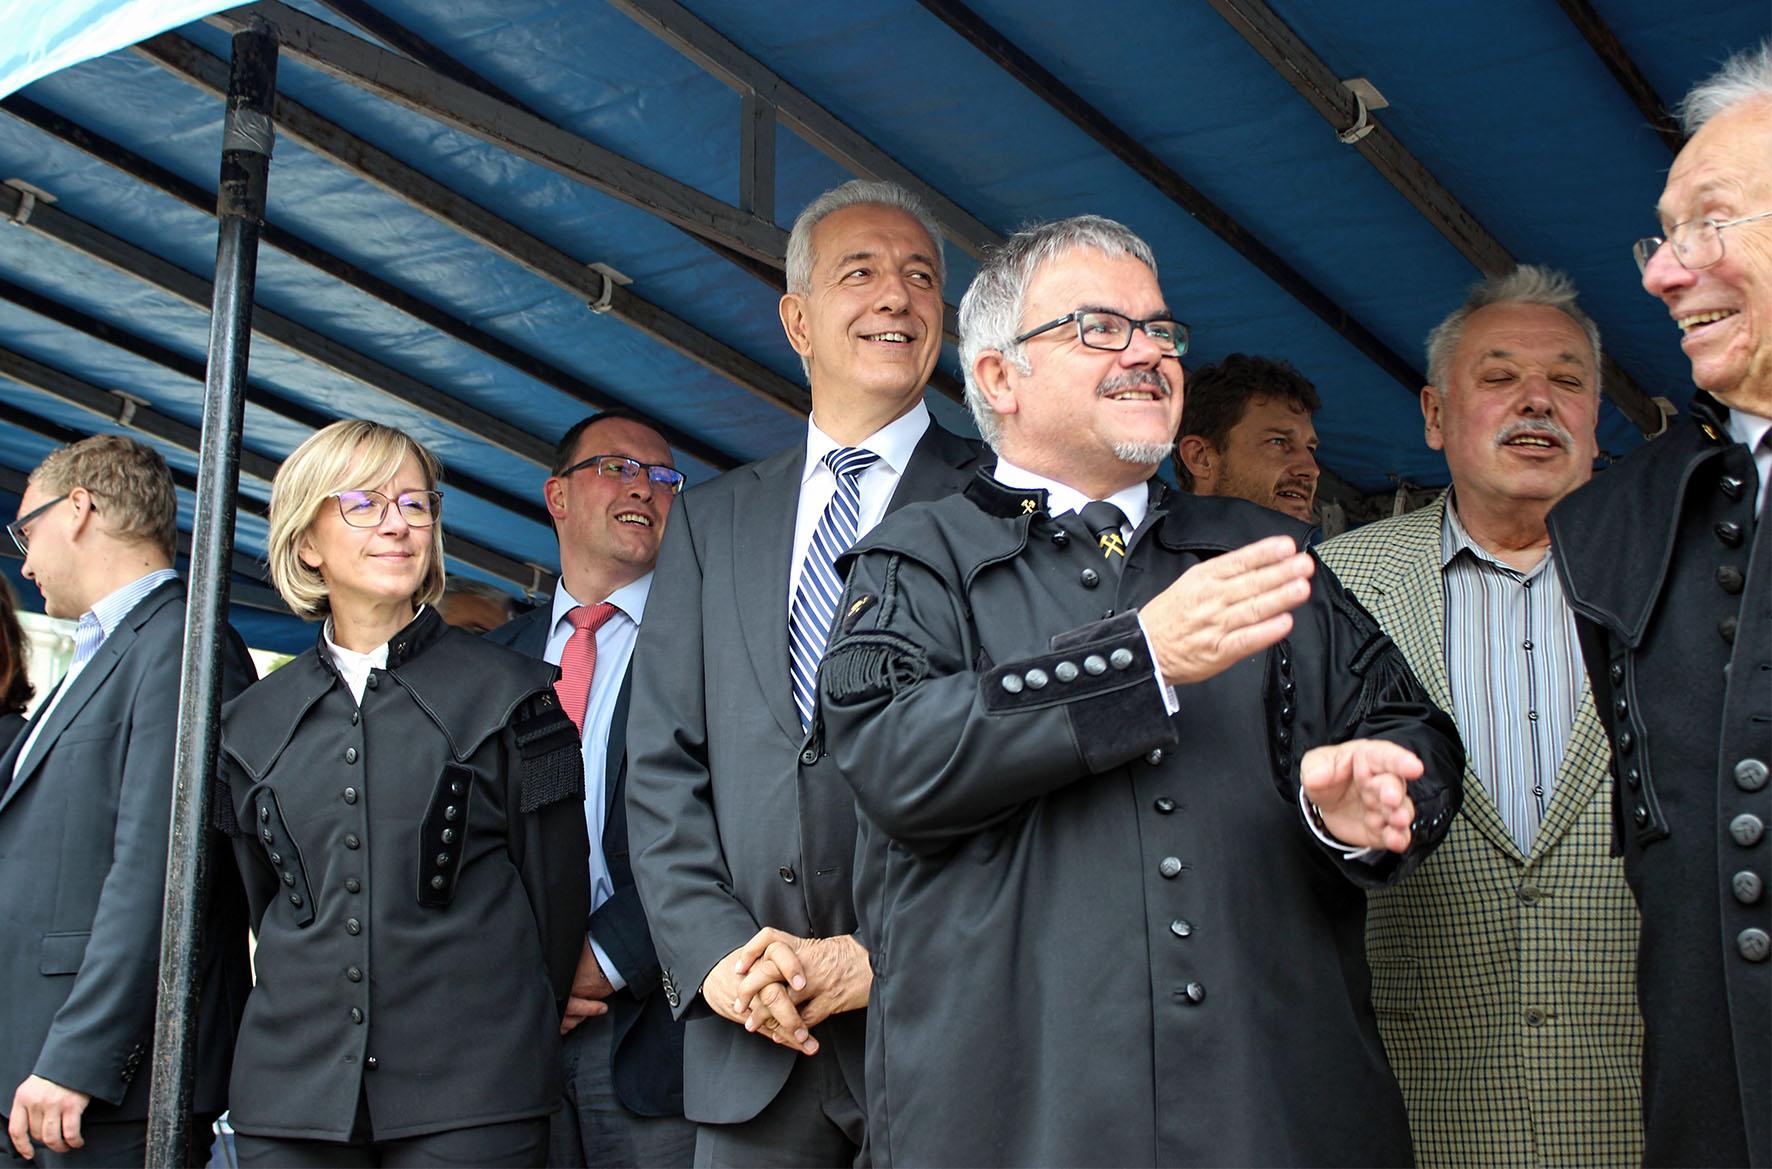 Unter den Gästen auch Sachsens Ministerpräsident Stanislaw Tillich.